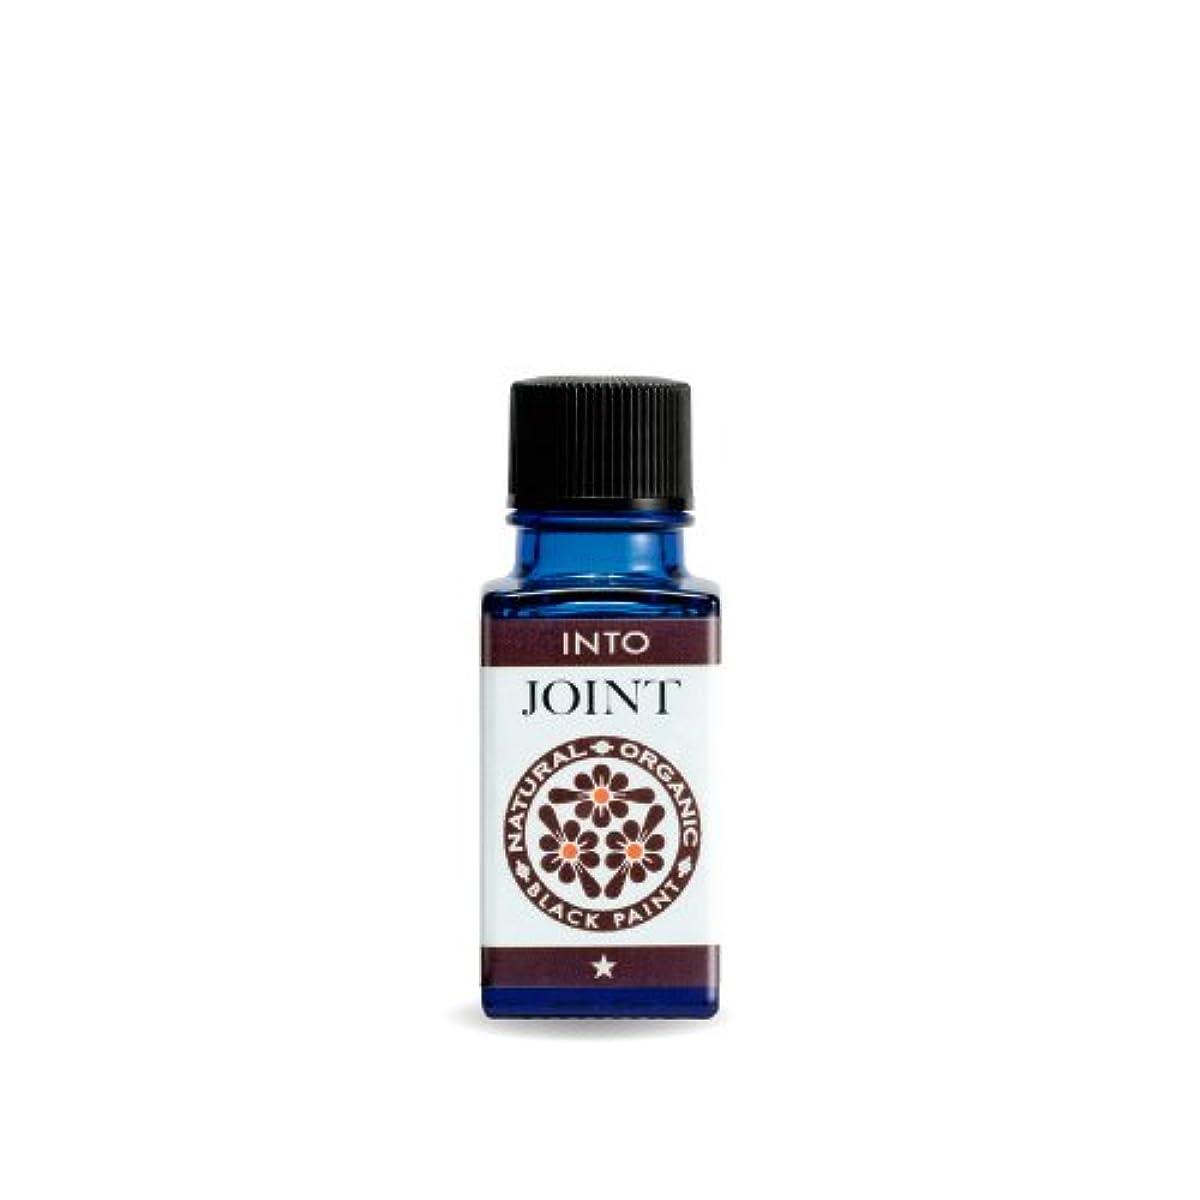 お酒解釈する抑制関節用 エッセンシャルオイル 美容液 INTO ジョイント 10ml ブラックペイント